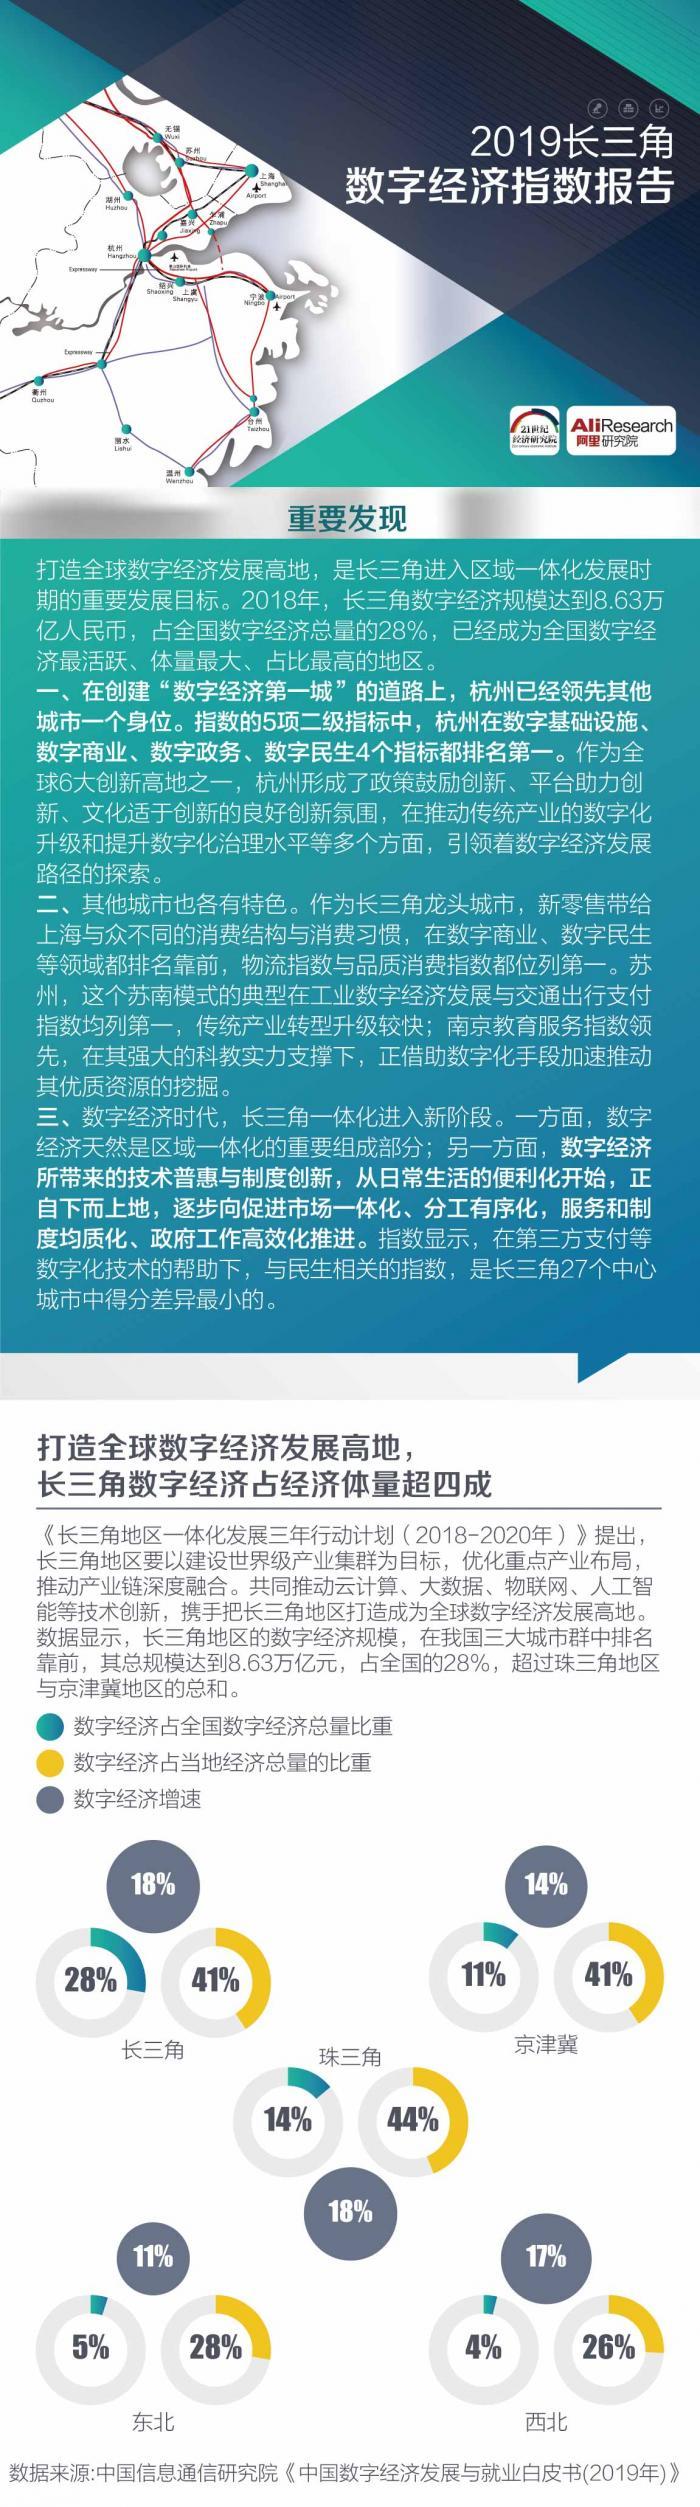 上海决定建立金融稳定协调联席会议制度